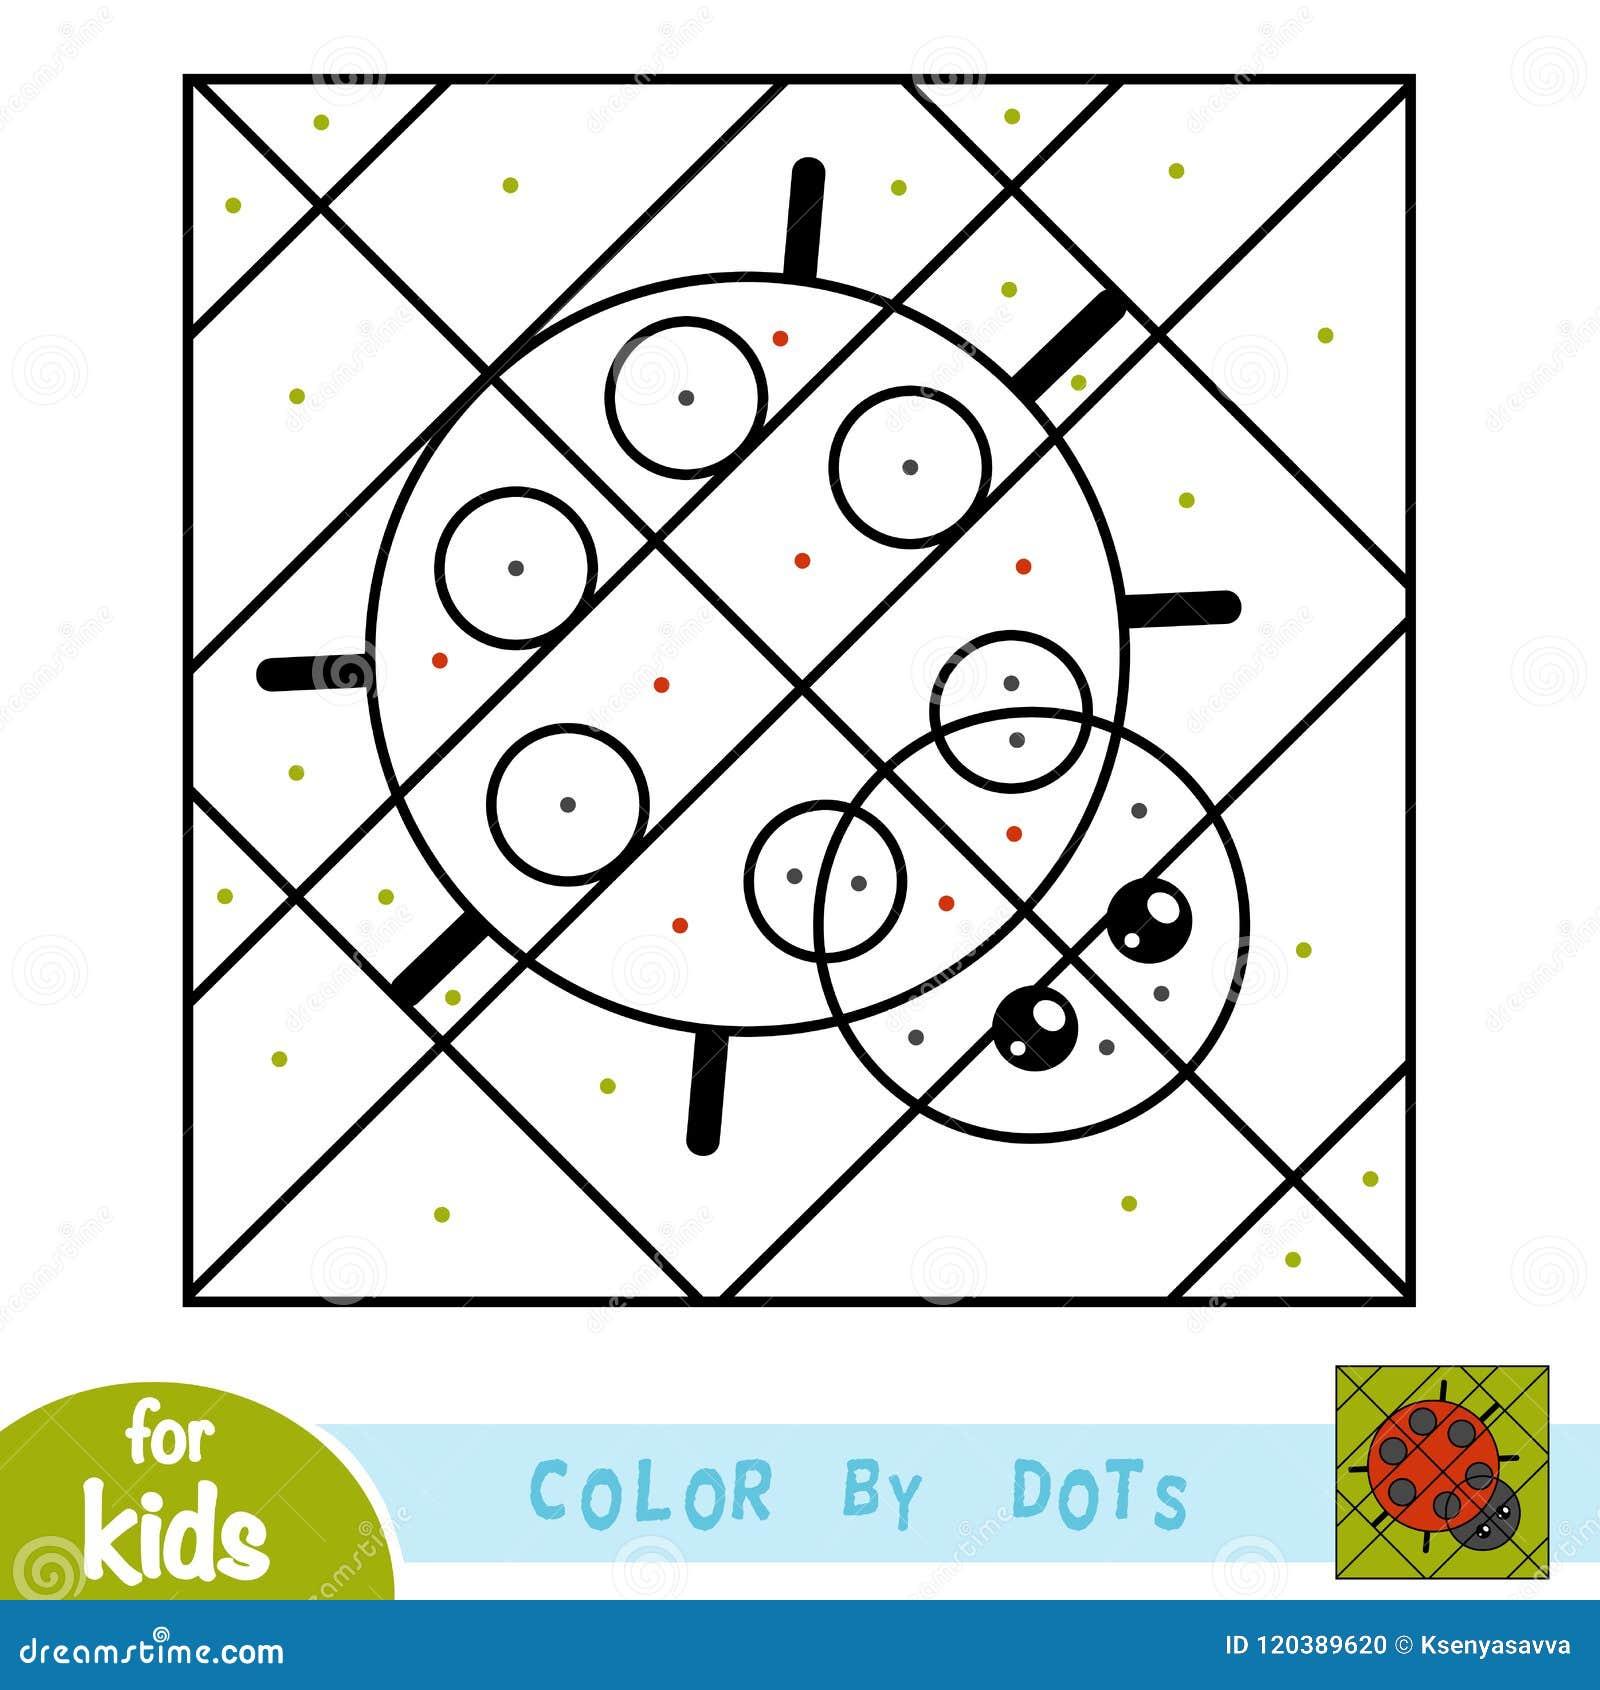 Kleur door punten, spel voor kinderen, Lieveheersbeestje